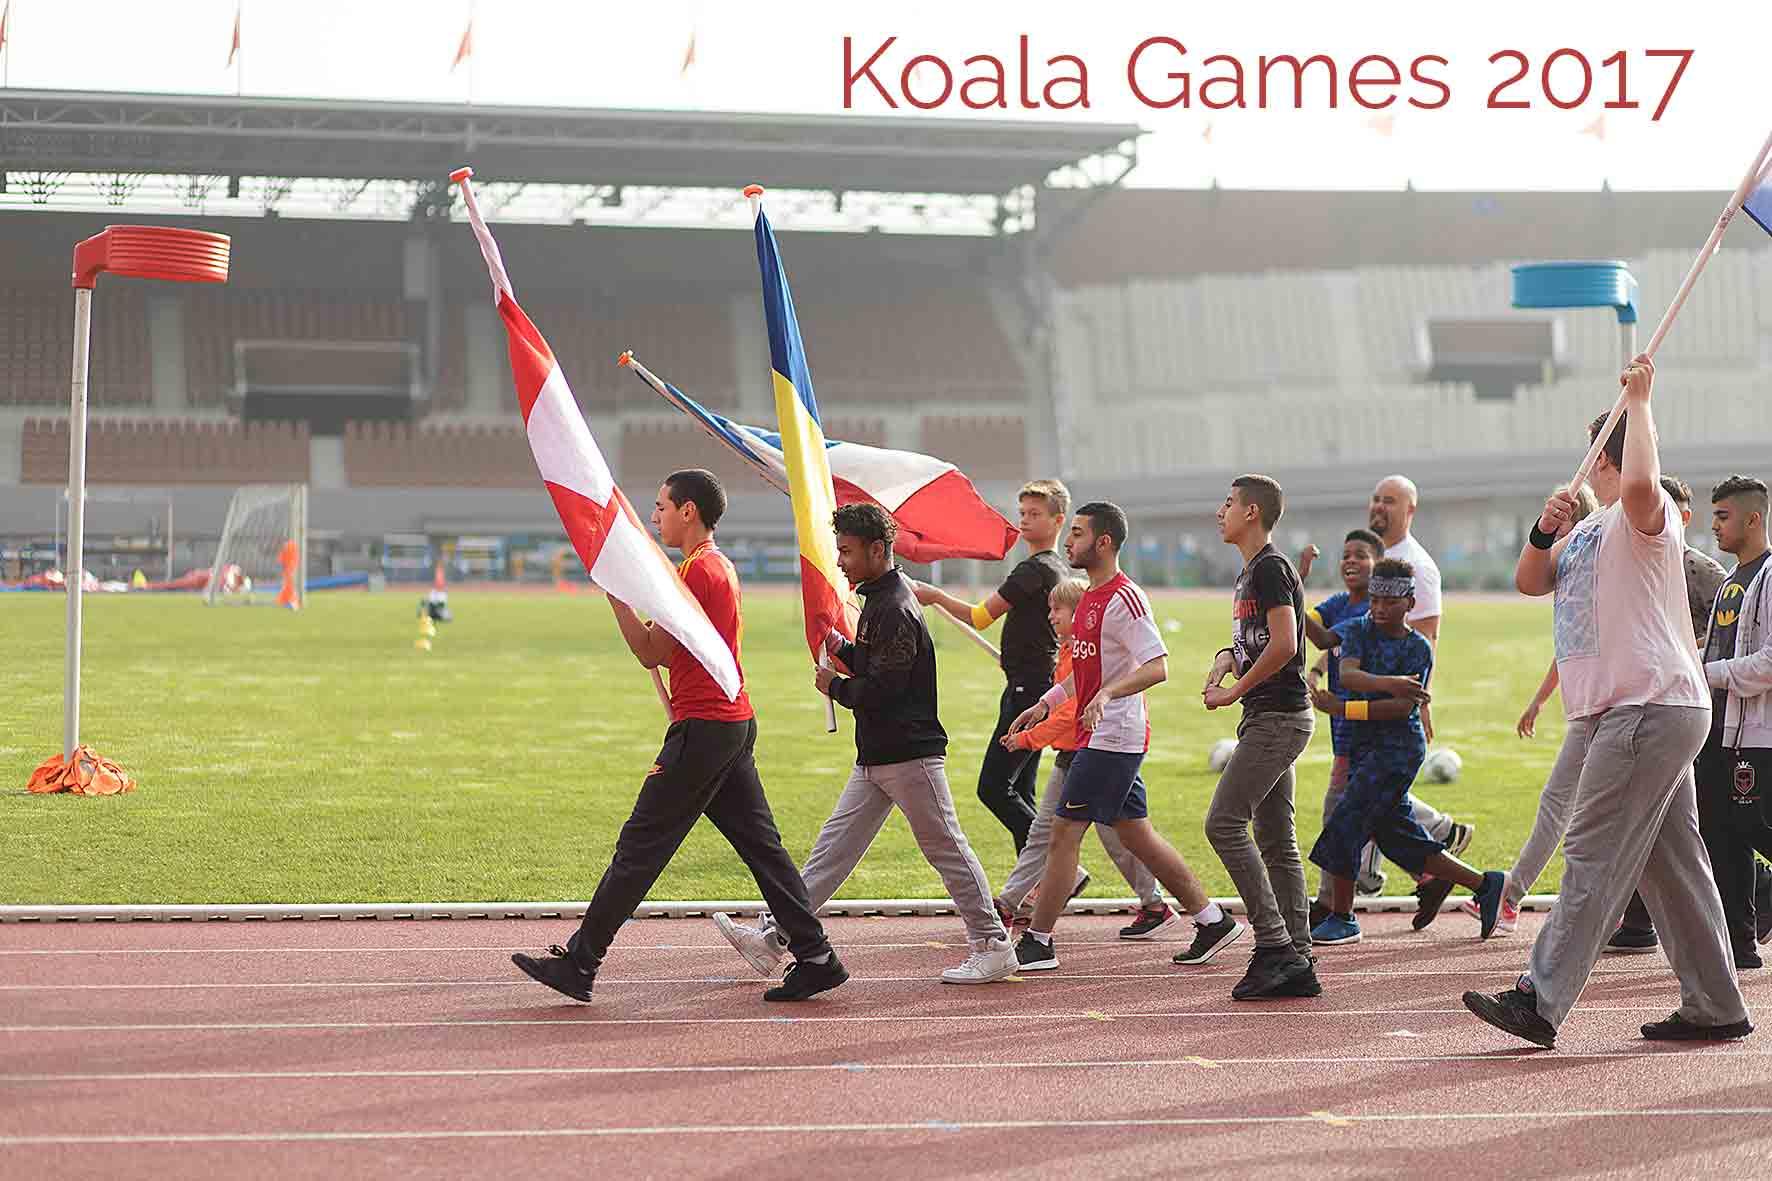 Koala Games 2017